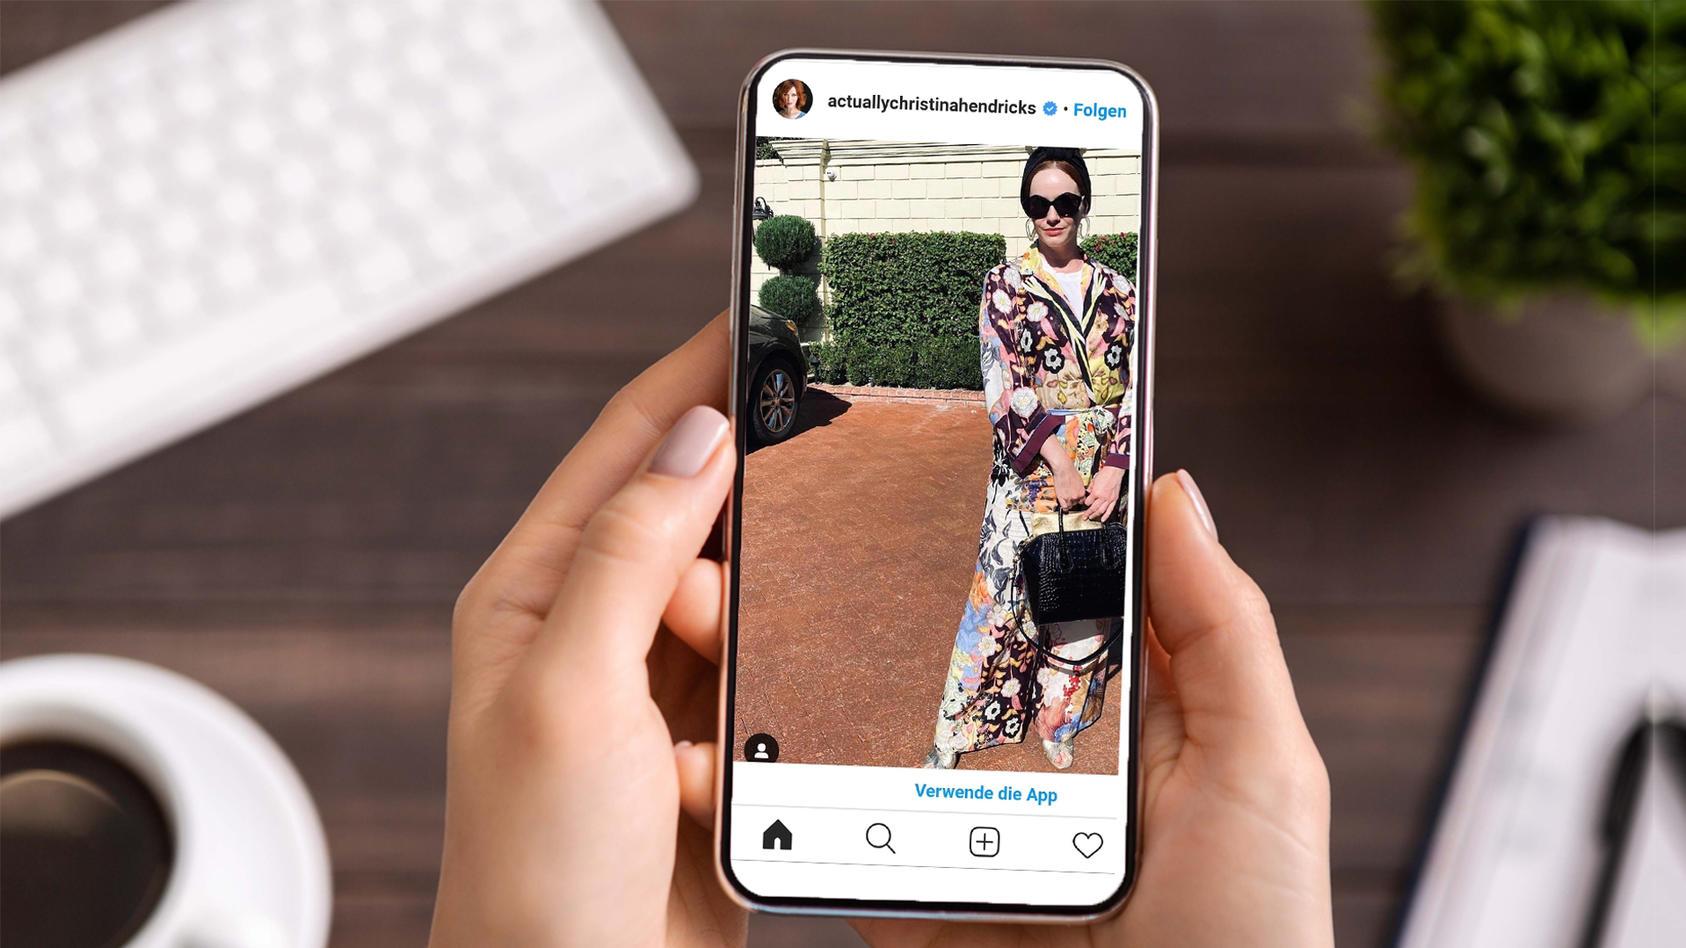 Das ist actuallychristinahendricks. So heißt der Instagram-Account der Prominenten.